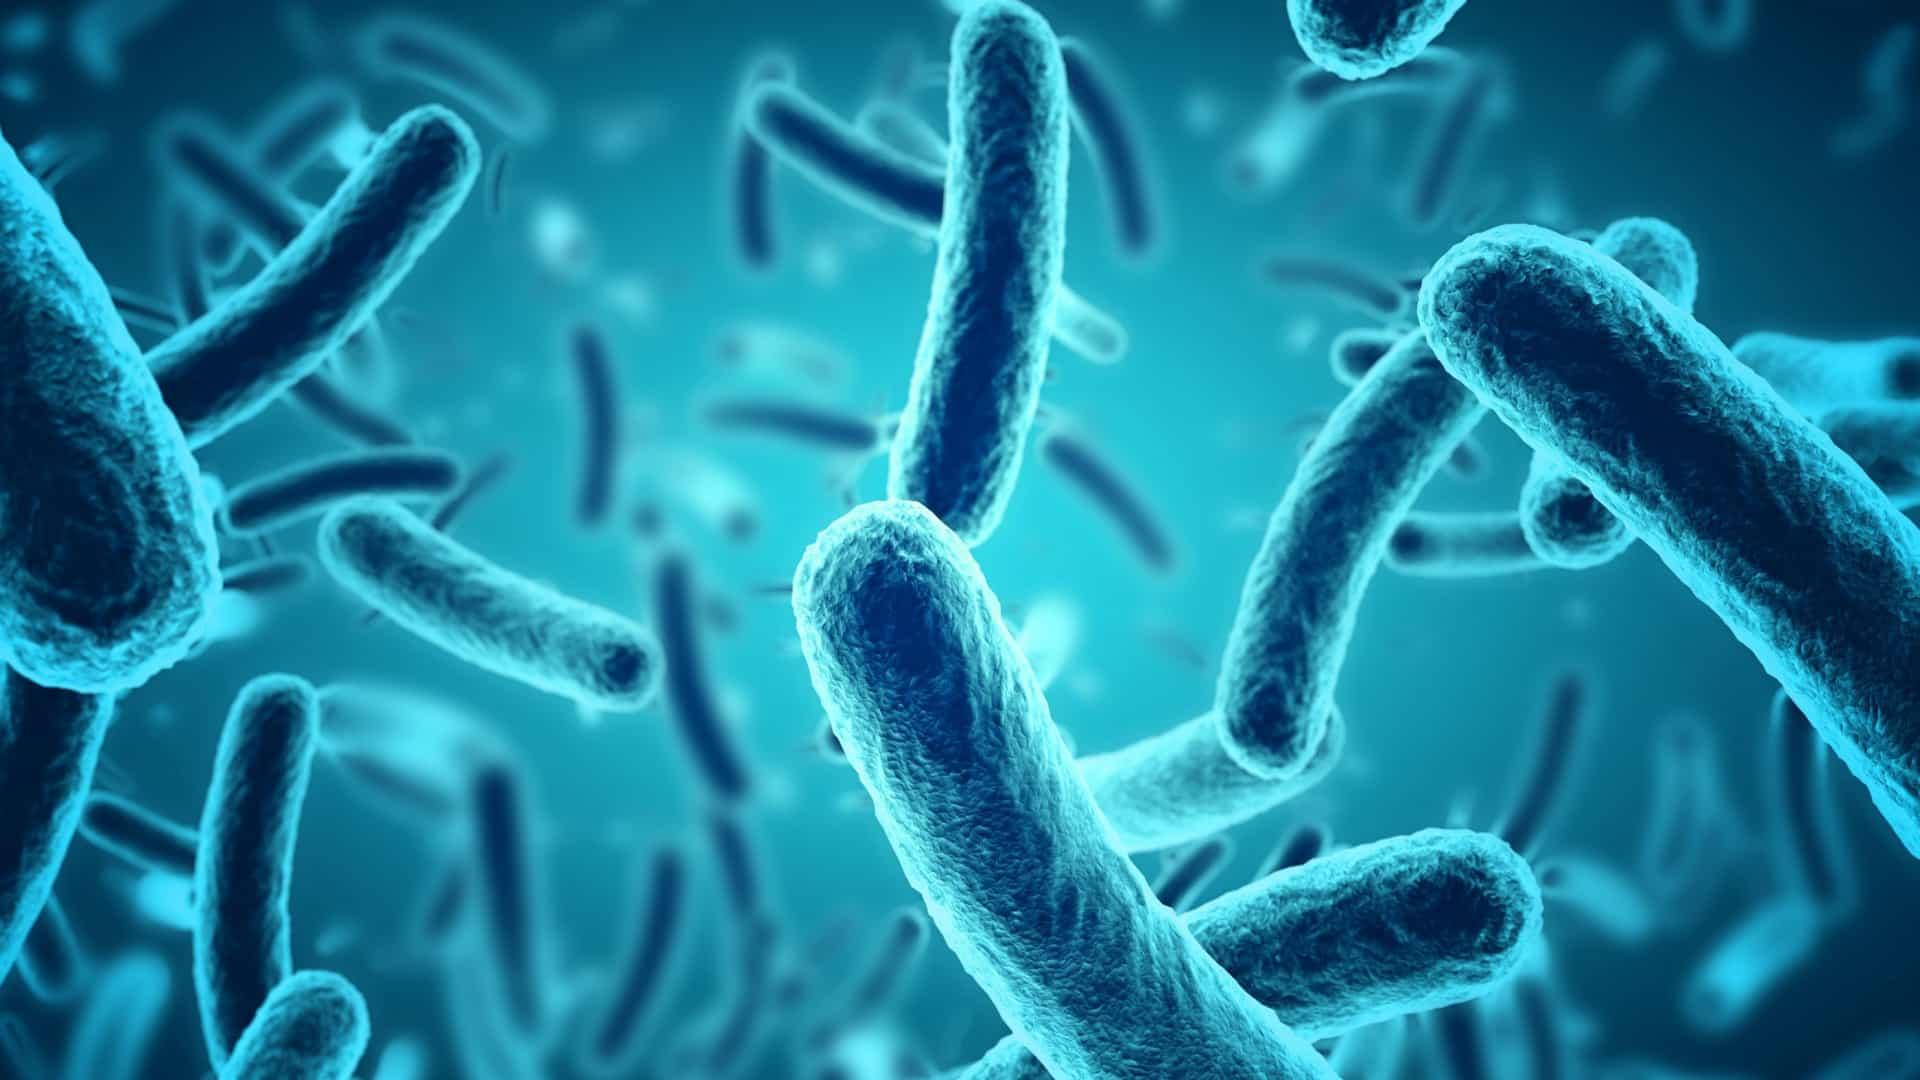 gravata dos médicos bactérias 2